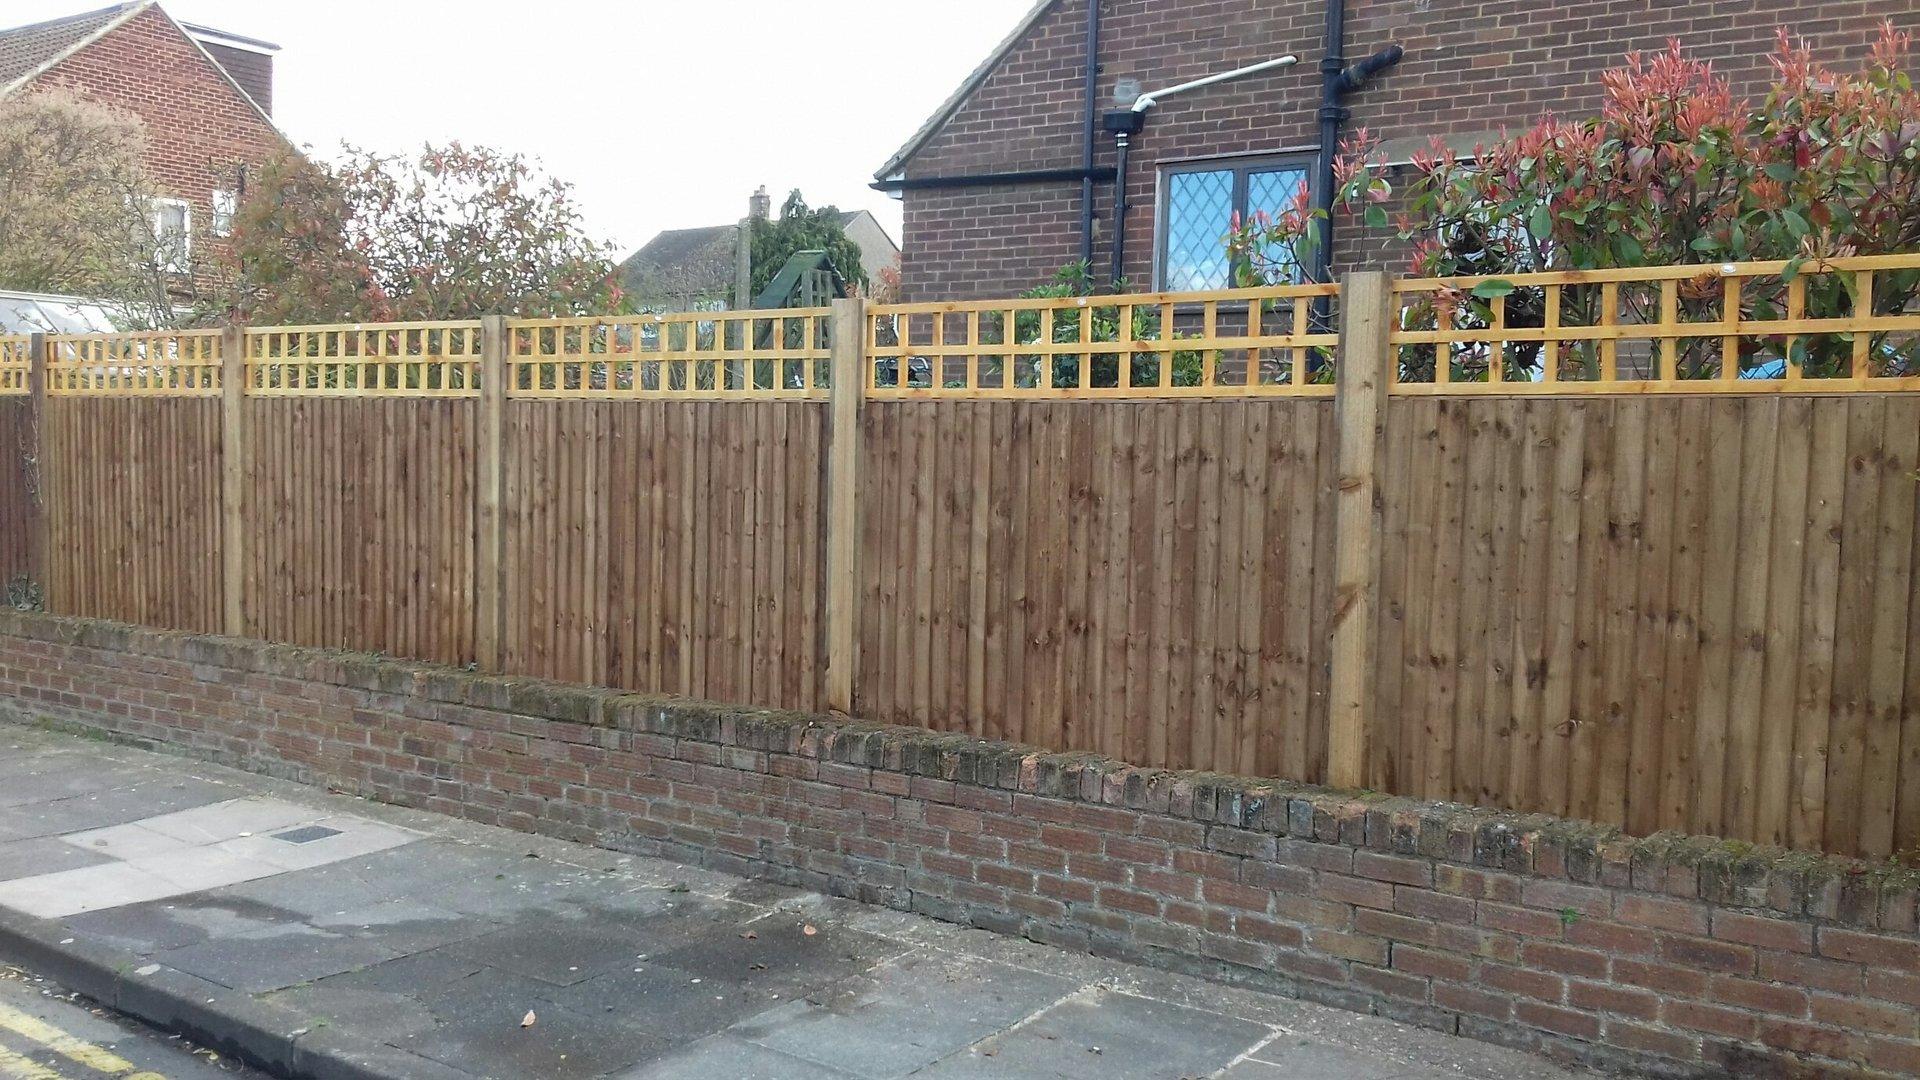 A Farmyard style garden gate